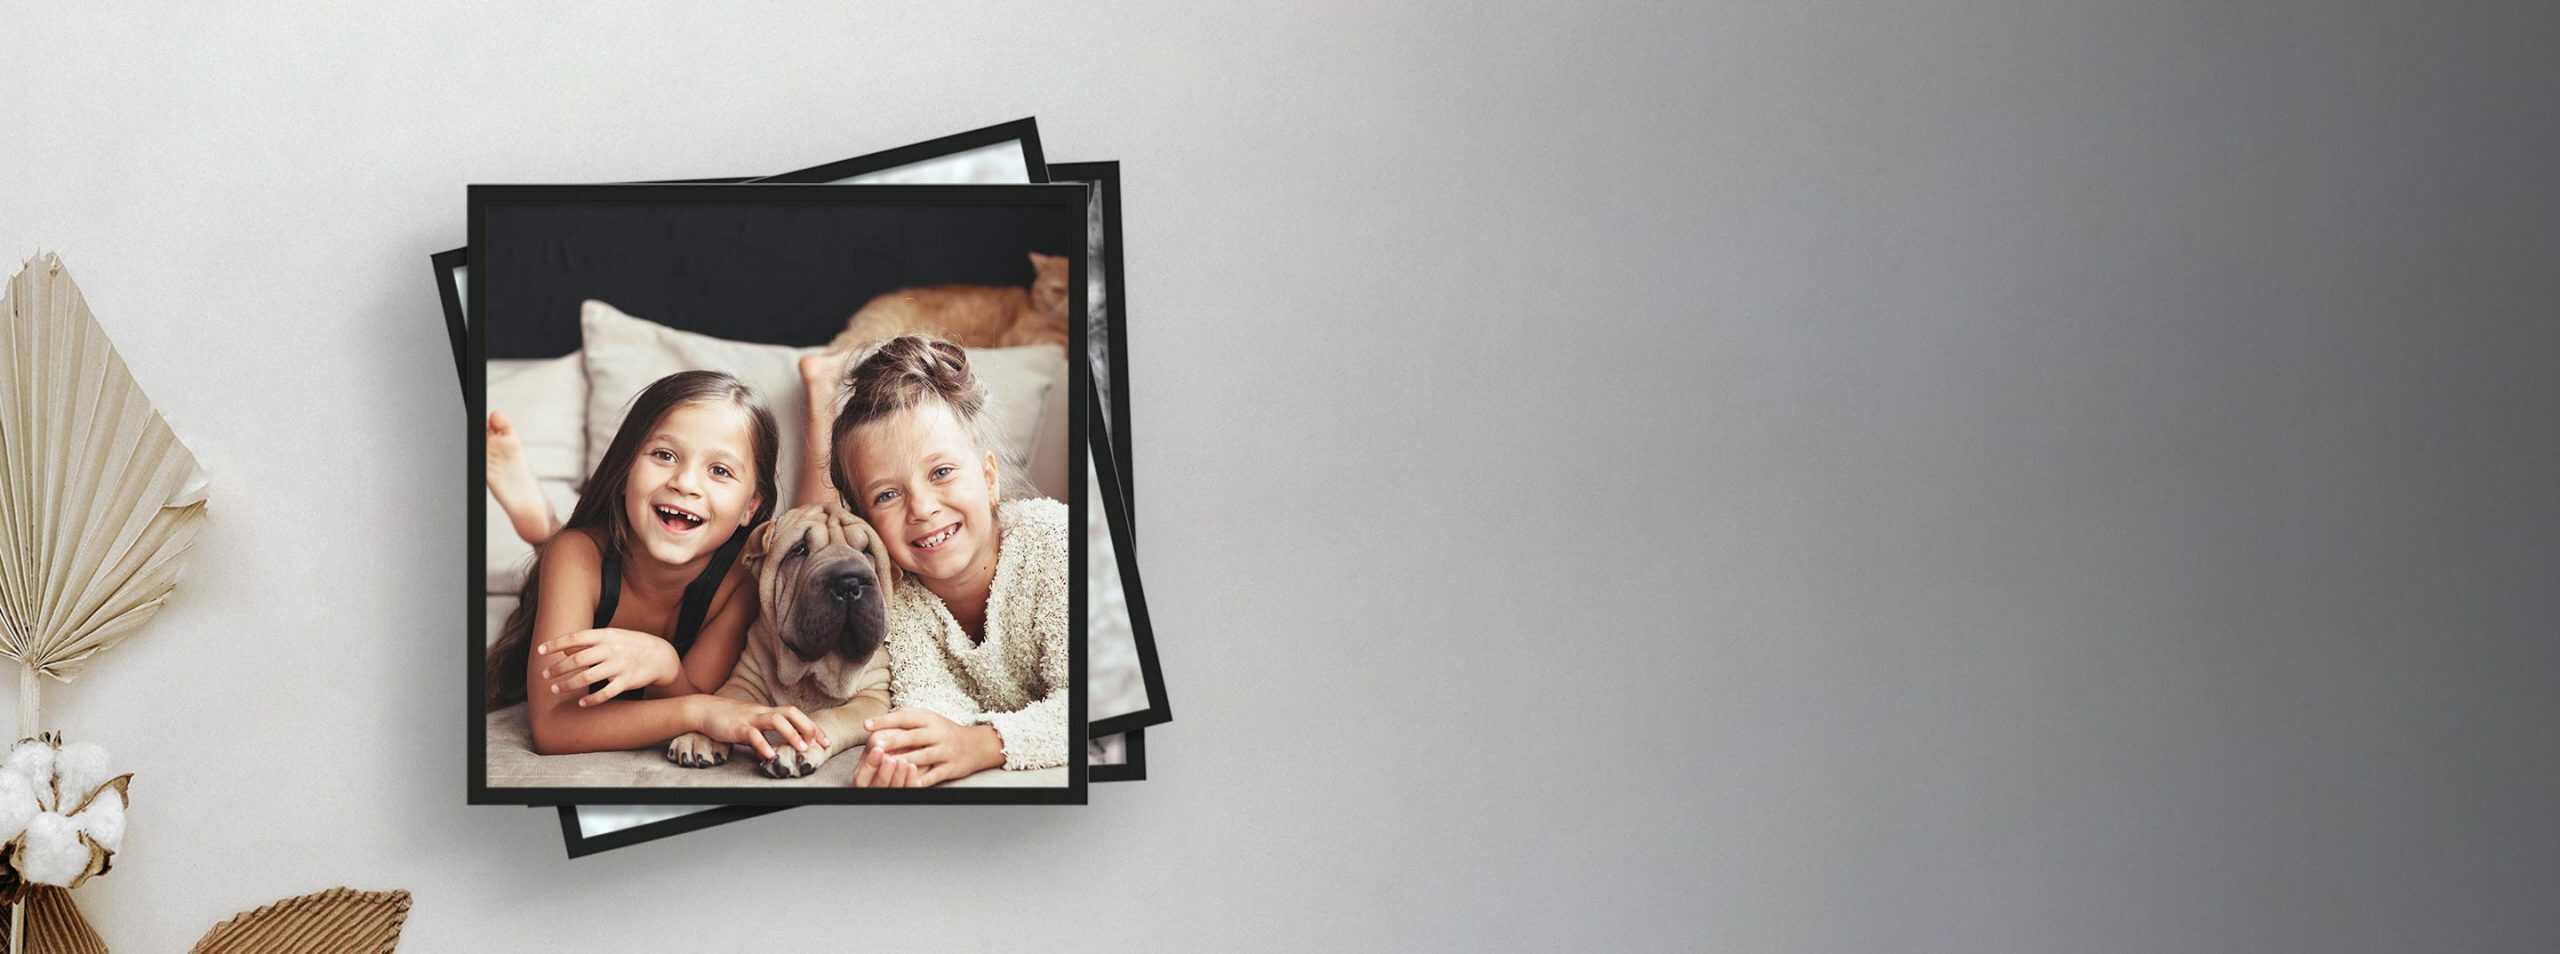 פיתוח תמונות אונליין, זה לופה בריבוע